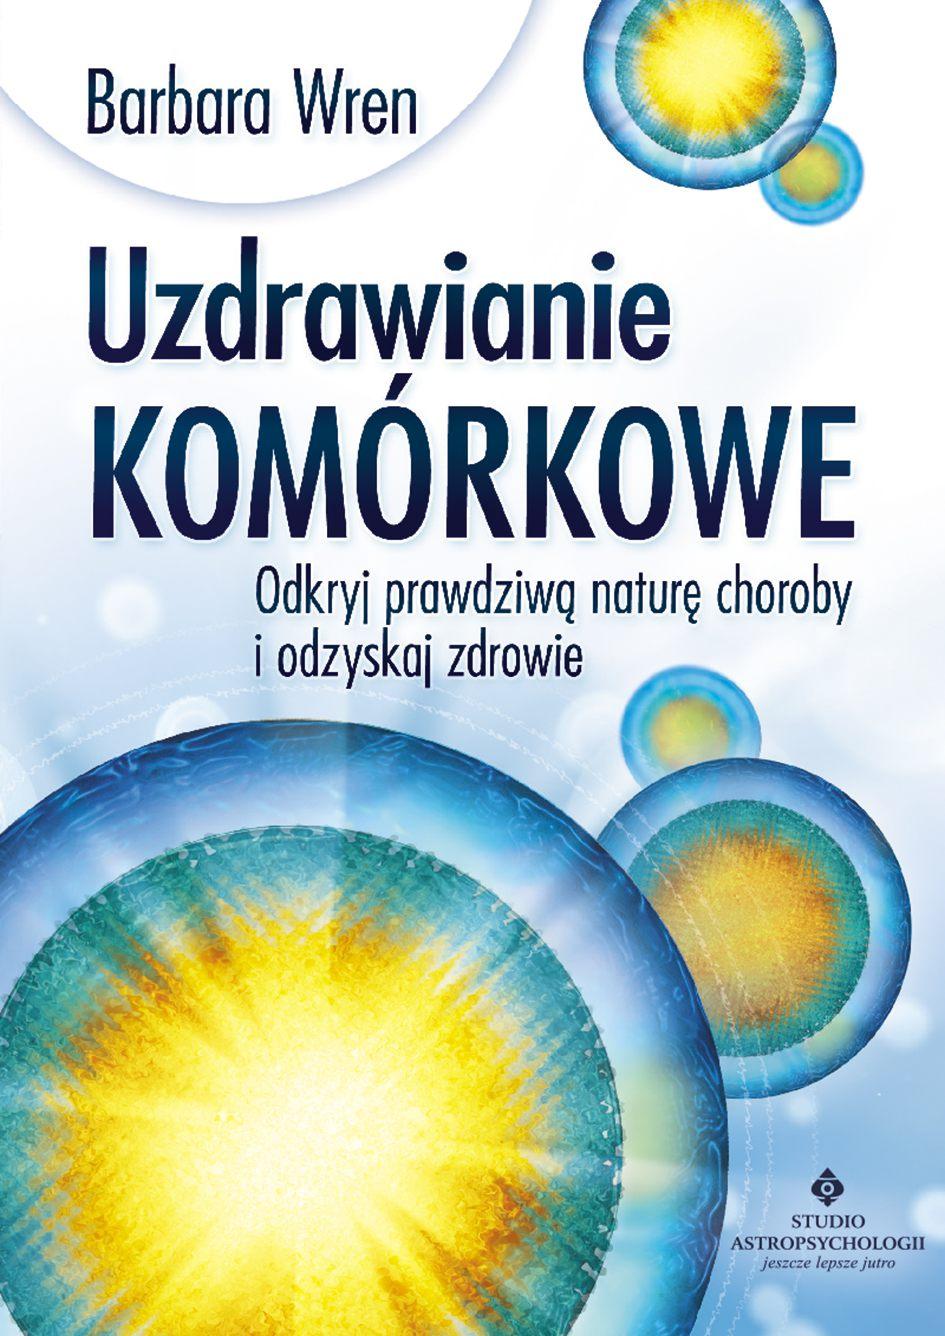 Uzdrawianie komórkowe. Odkryj prawdziwą naturę choroby i odzyskaj zdrowie - Ebook (Książka PDF) do pobrania w formacie PDF